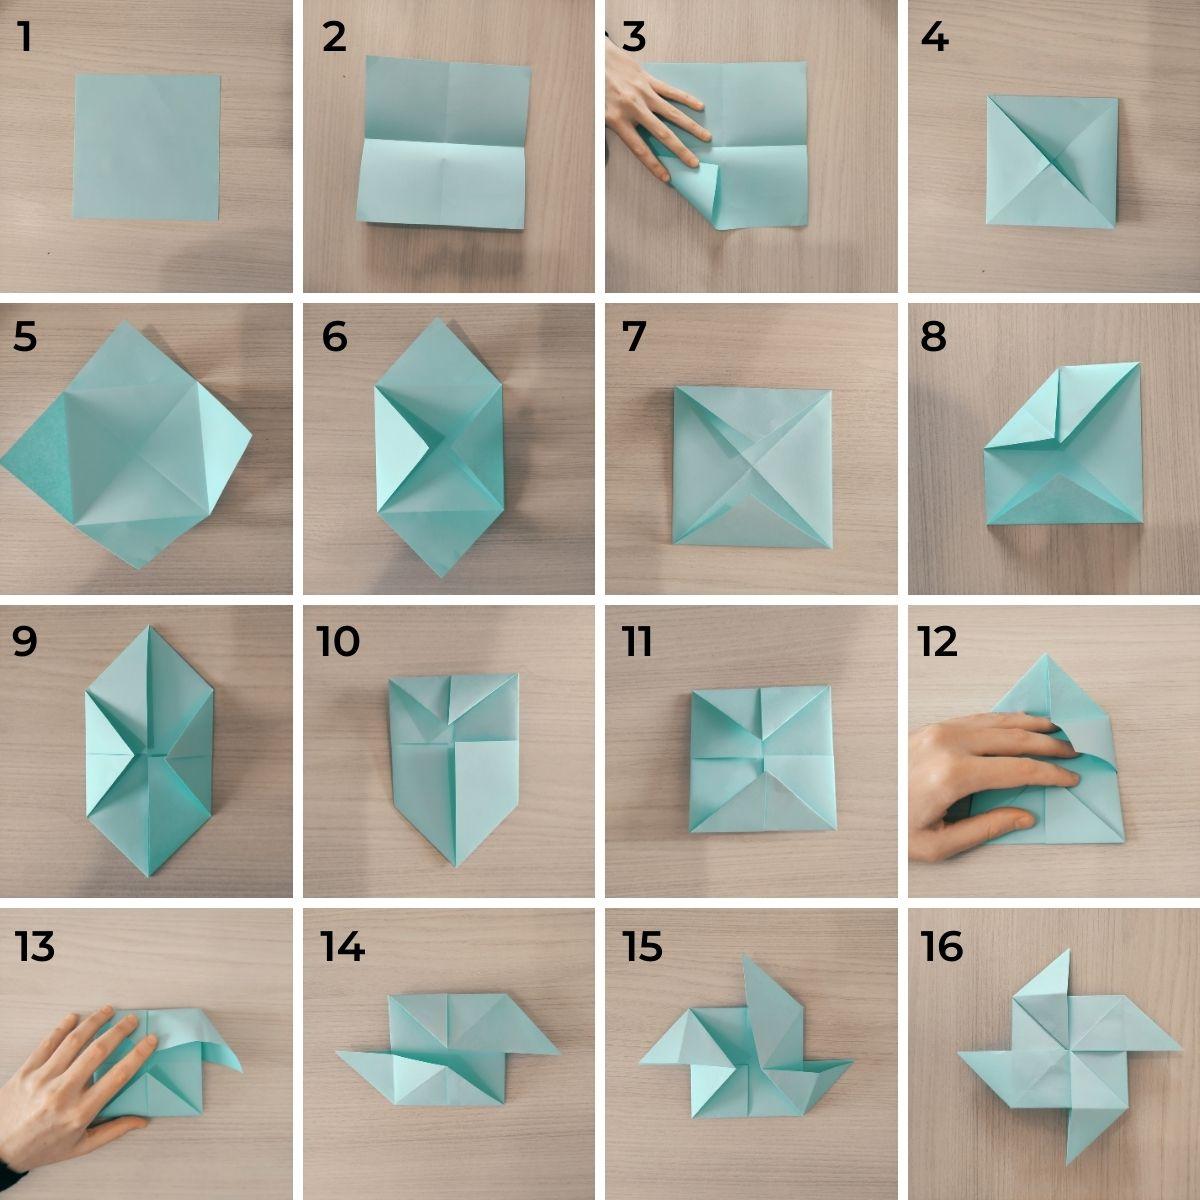 Girandola origami per bambini - lavoretto facile da fare